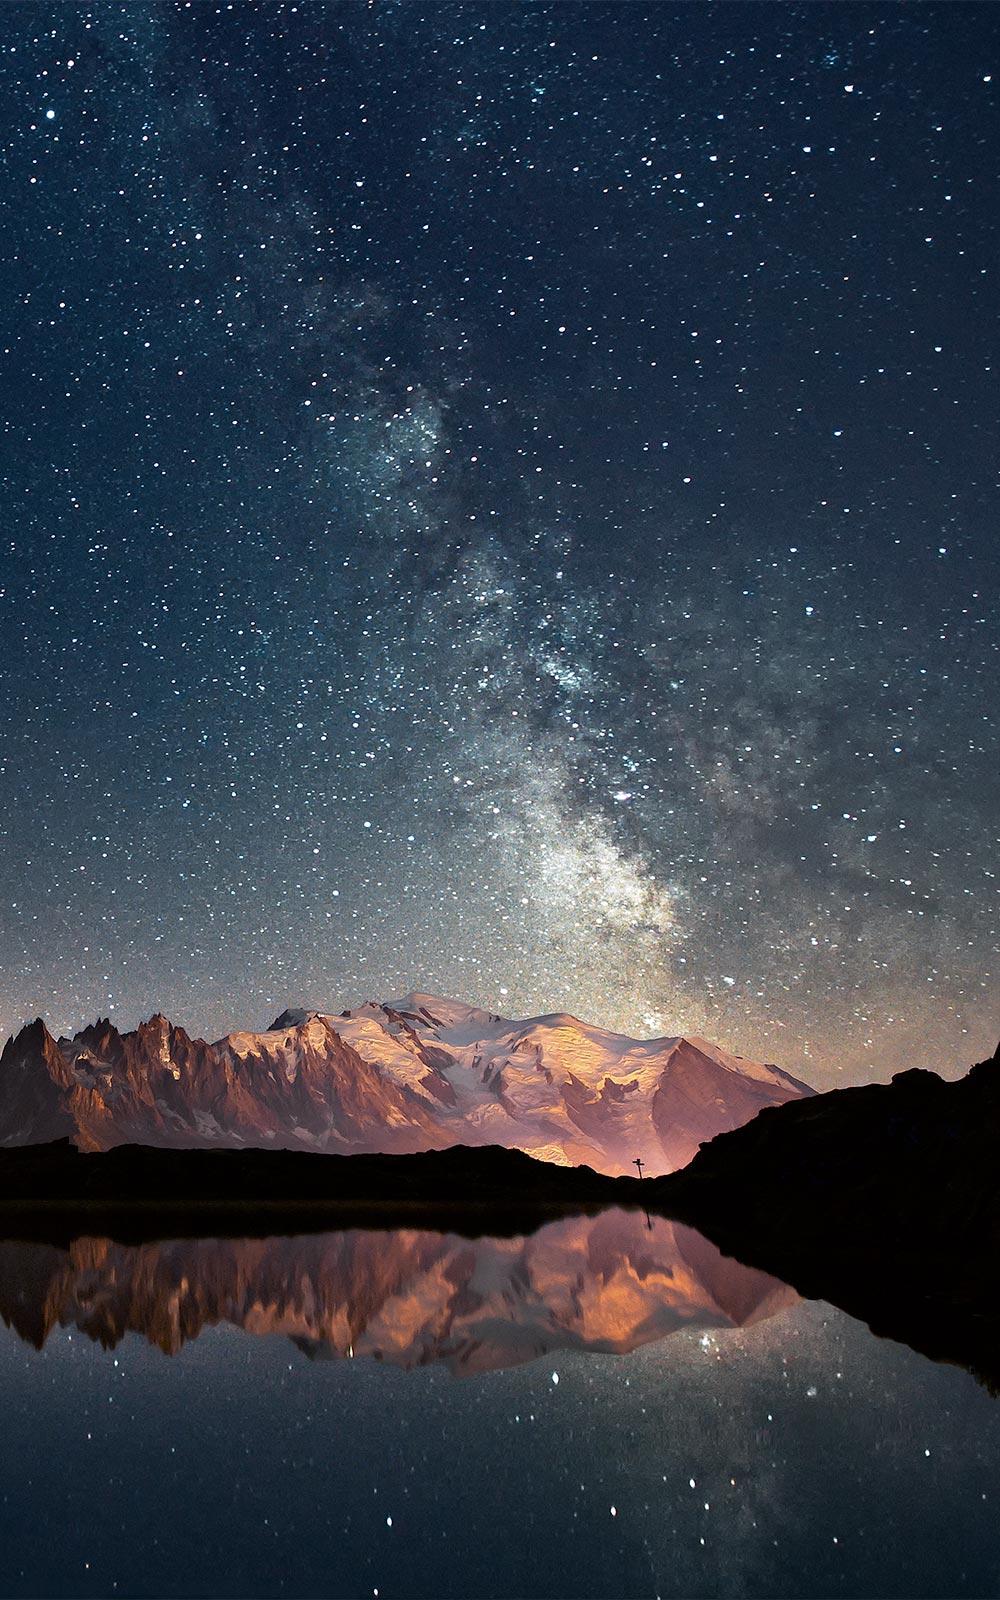 corso di fotografia del paesaggio notturno cover responsive